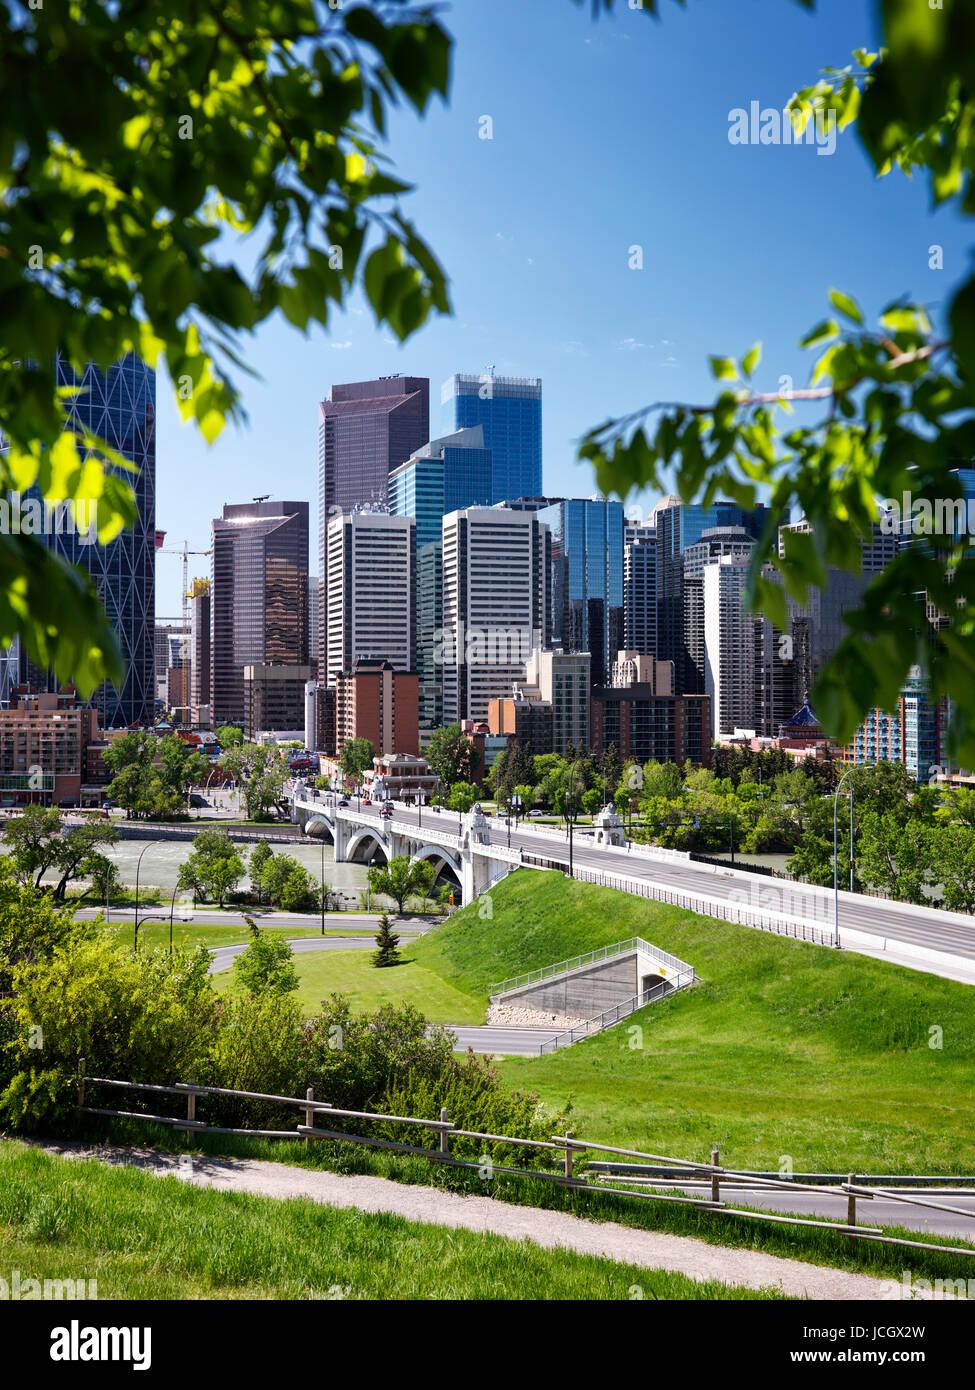 Künstlerische Sommer Landschaft mit Blick auf die Skyline von downtown Calgary Stadt und Centre Street Bridge Stockbild